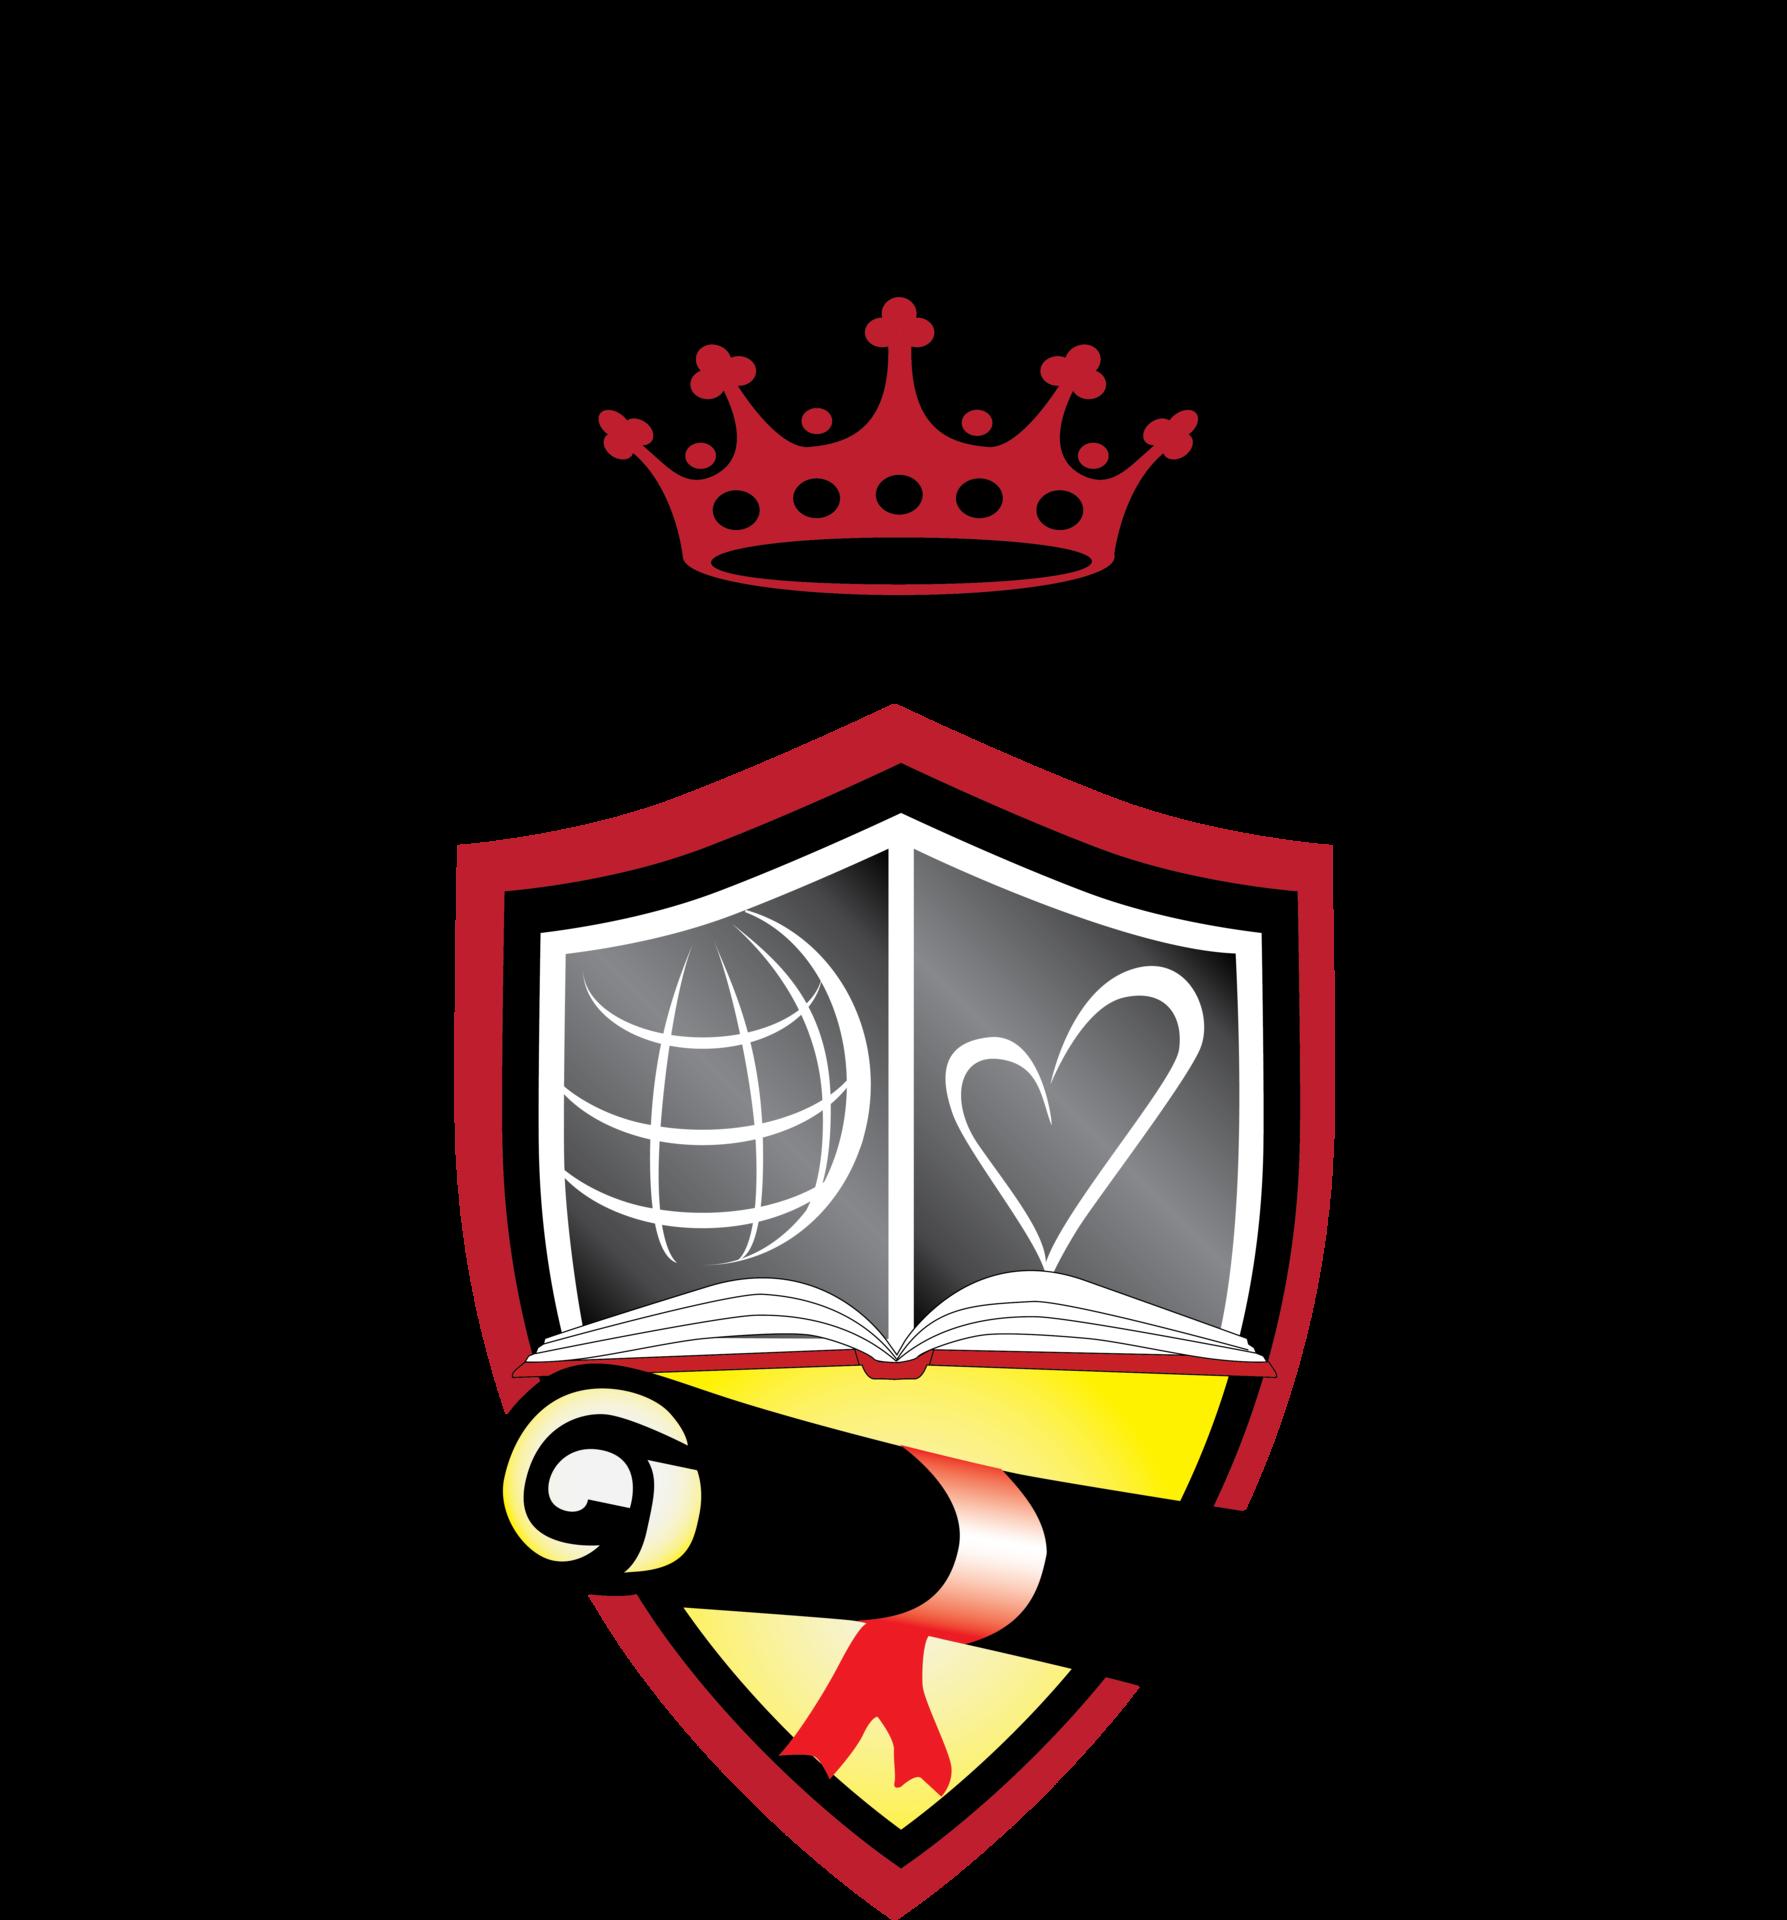 Fedde MS logo